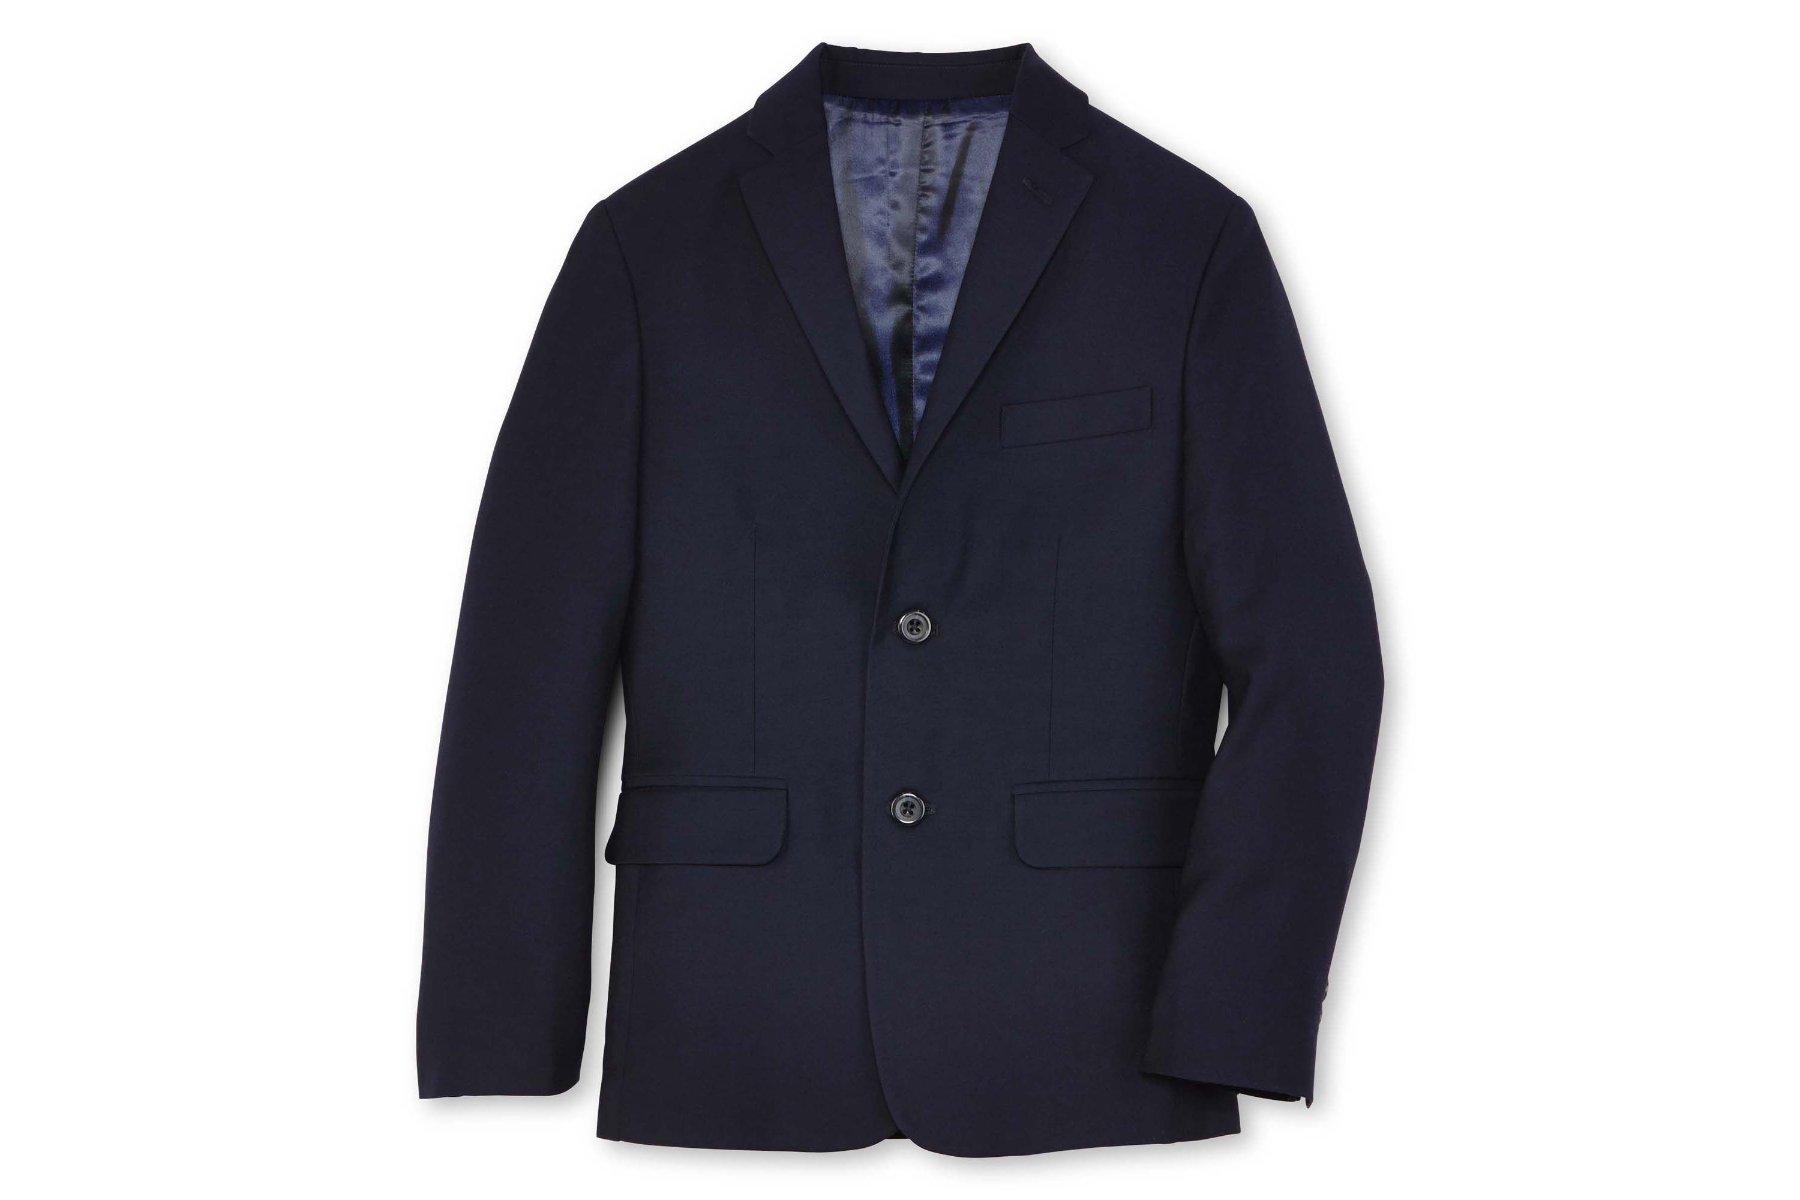 IZOD Boy's Fine Line Husky Suit Jacket Blazer (12H, Navy)